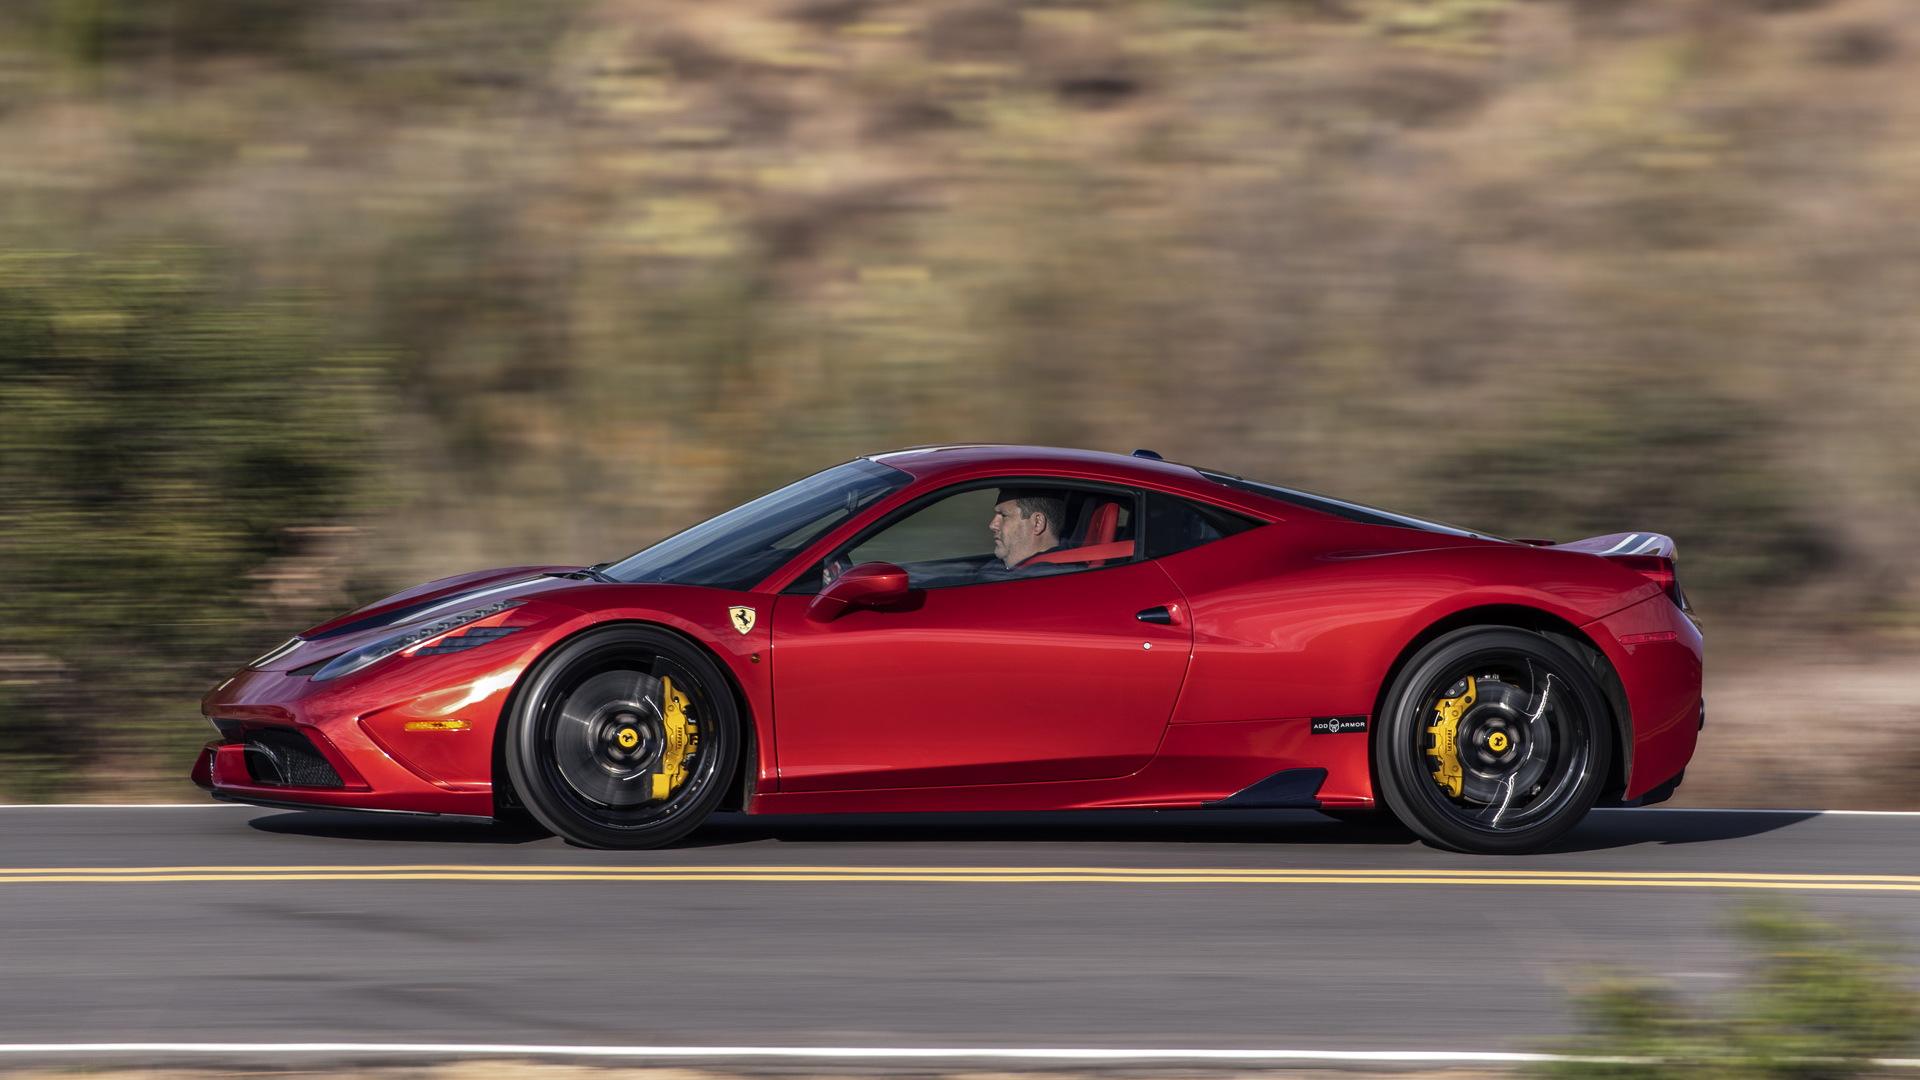 Armored Ferrari 458 Speciale by AddArmor